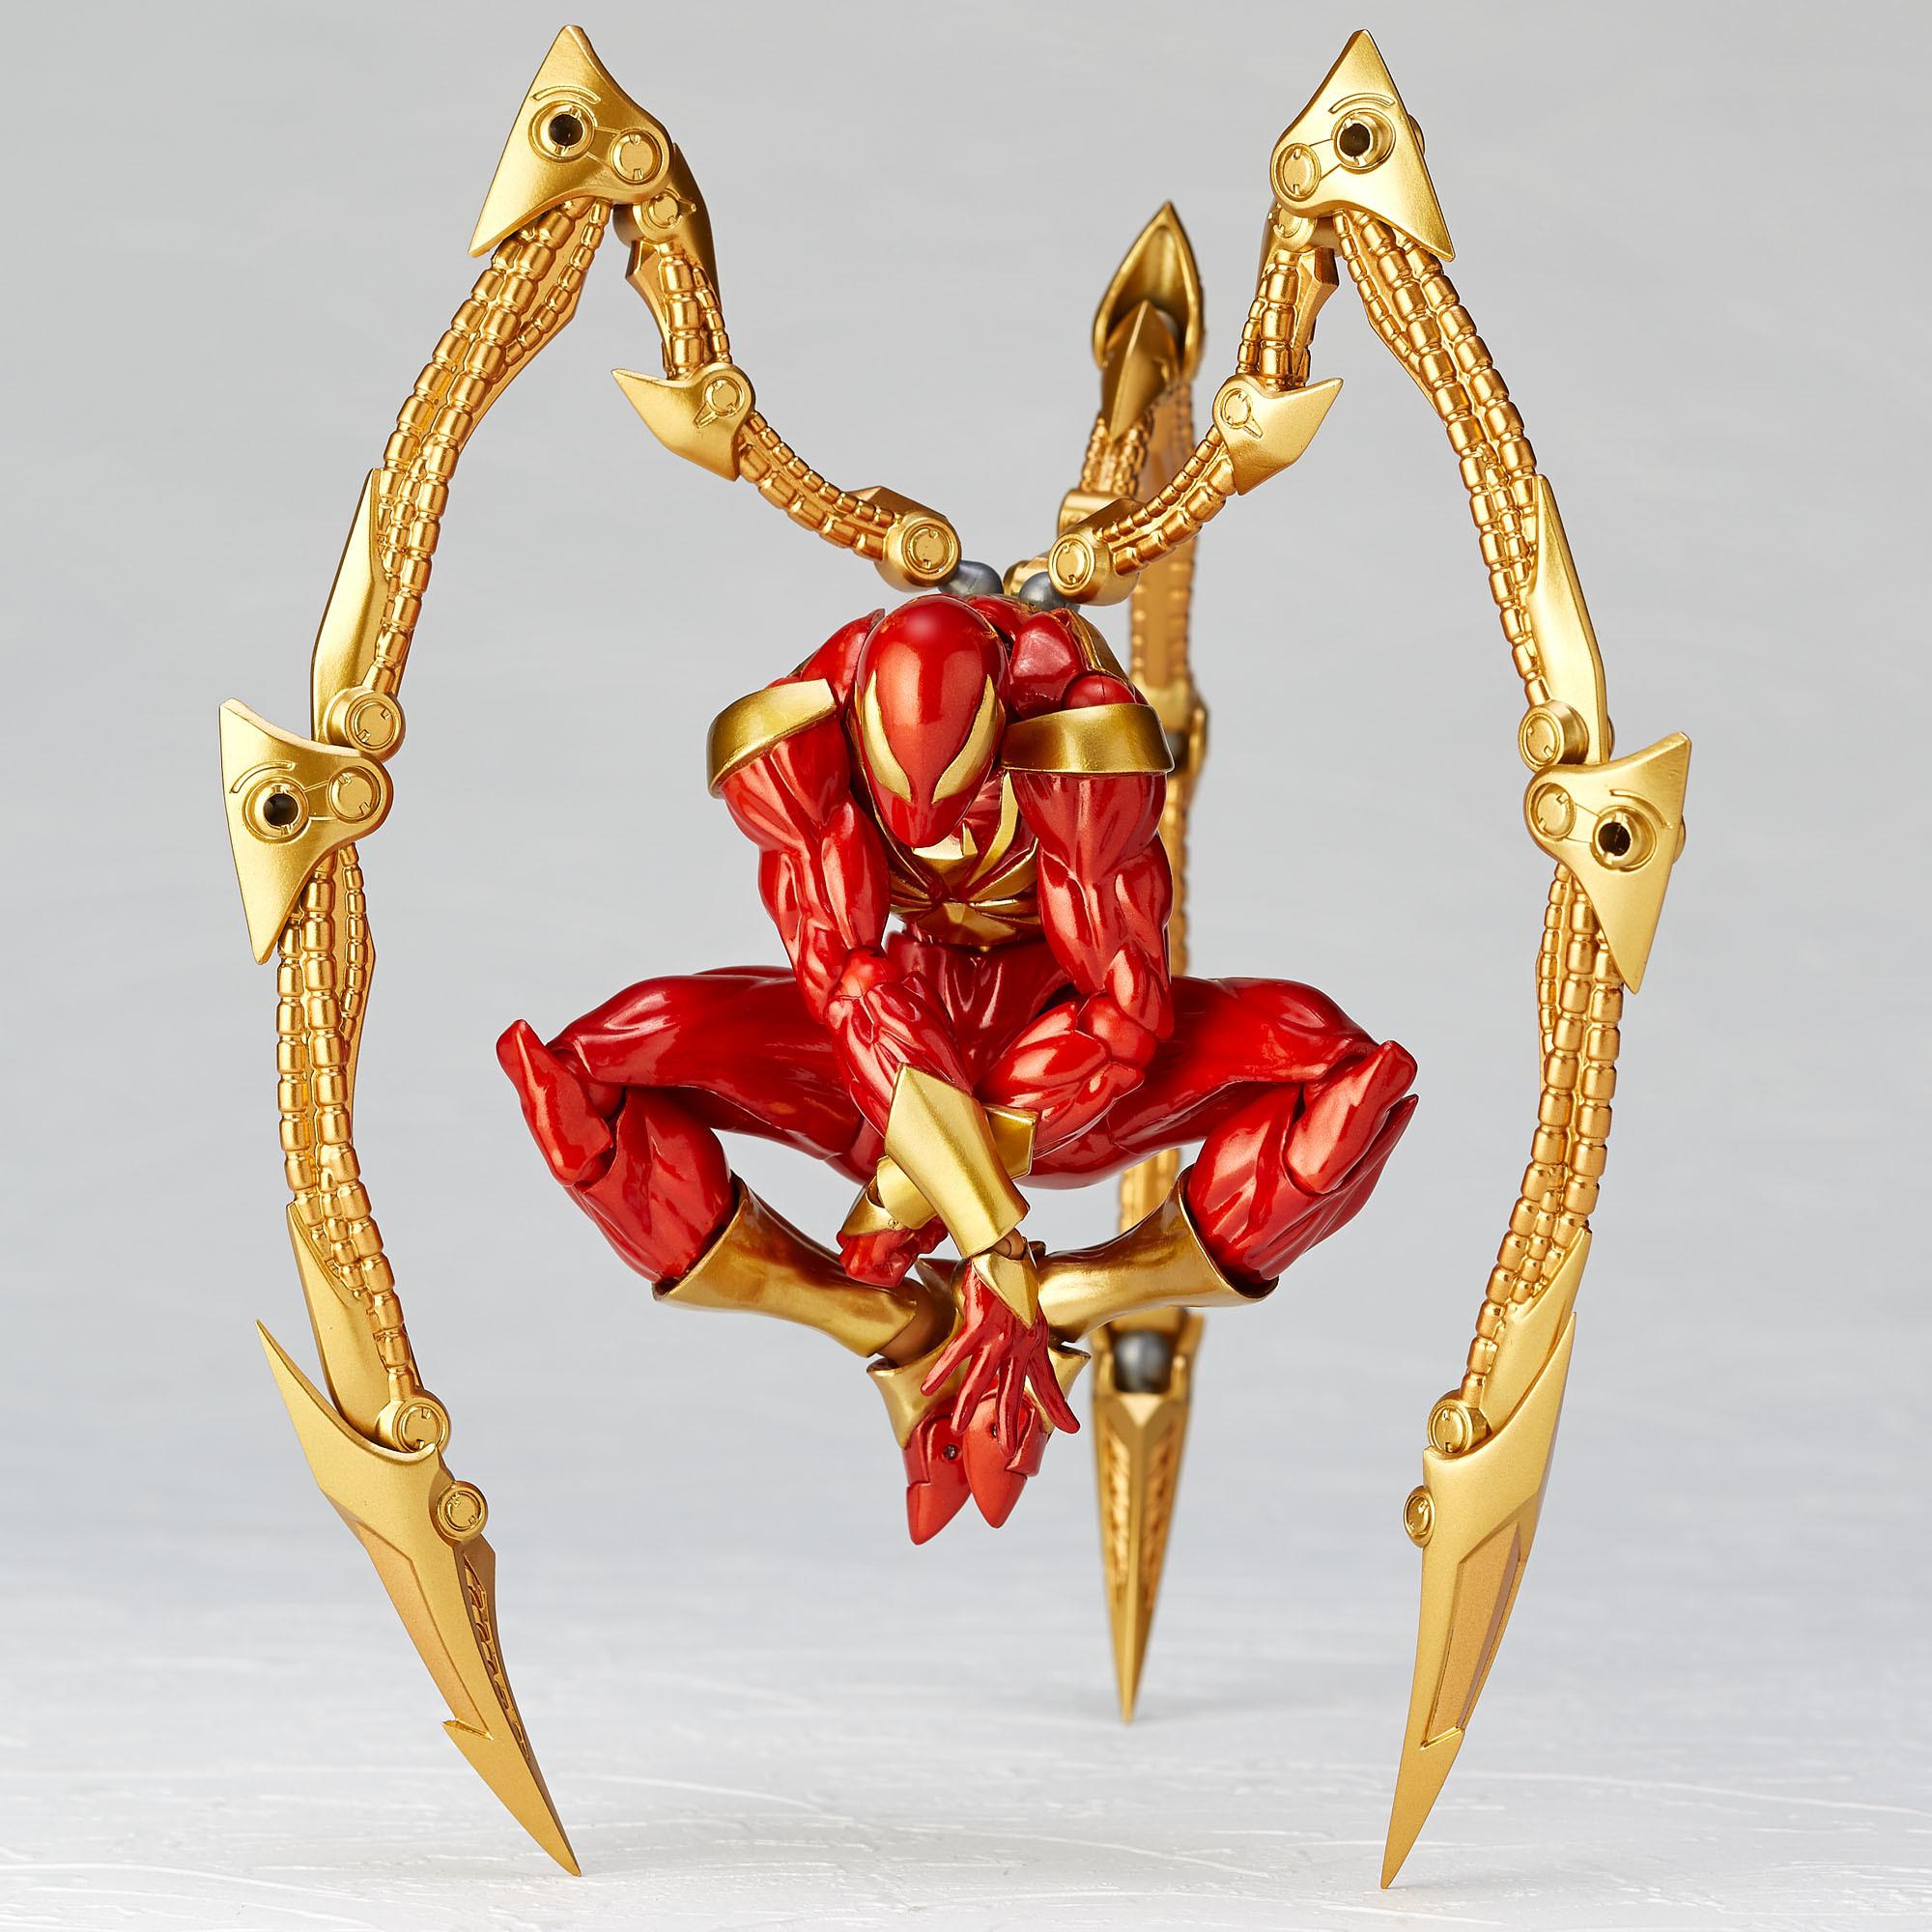 フィギュアコンプレックス アメイジング・ヤマグチ Iron Spider アイアン・スパイダーFIGURE-124787_17